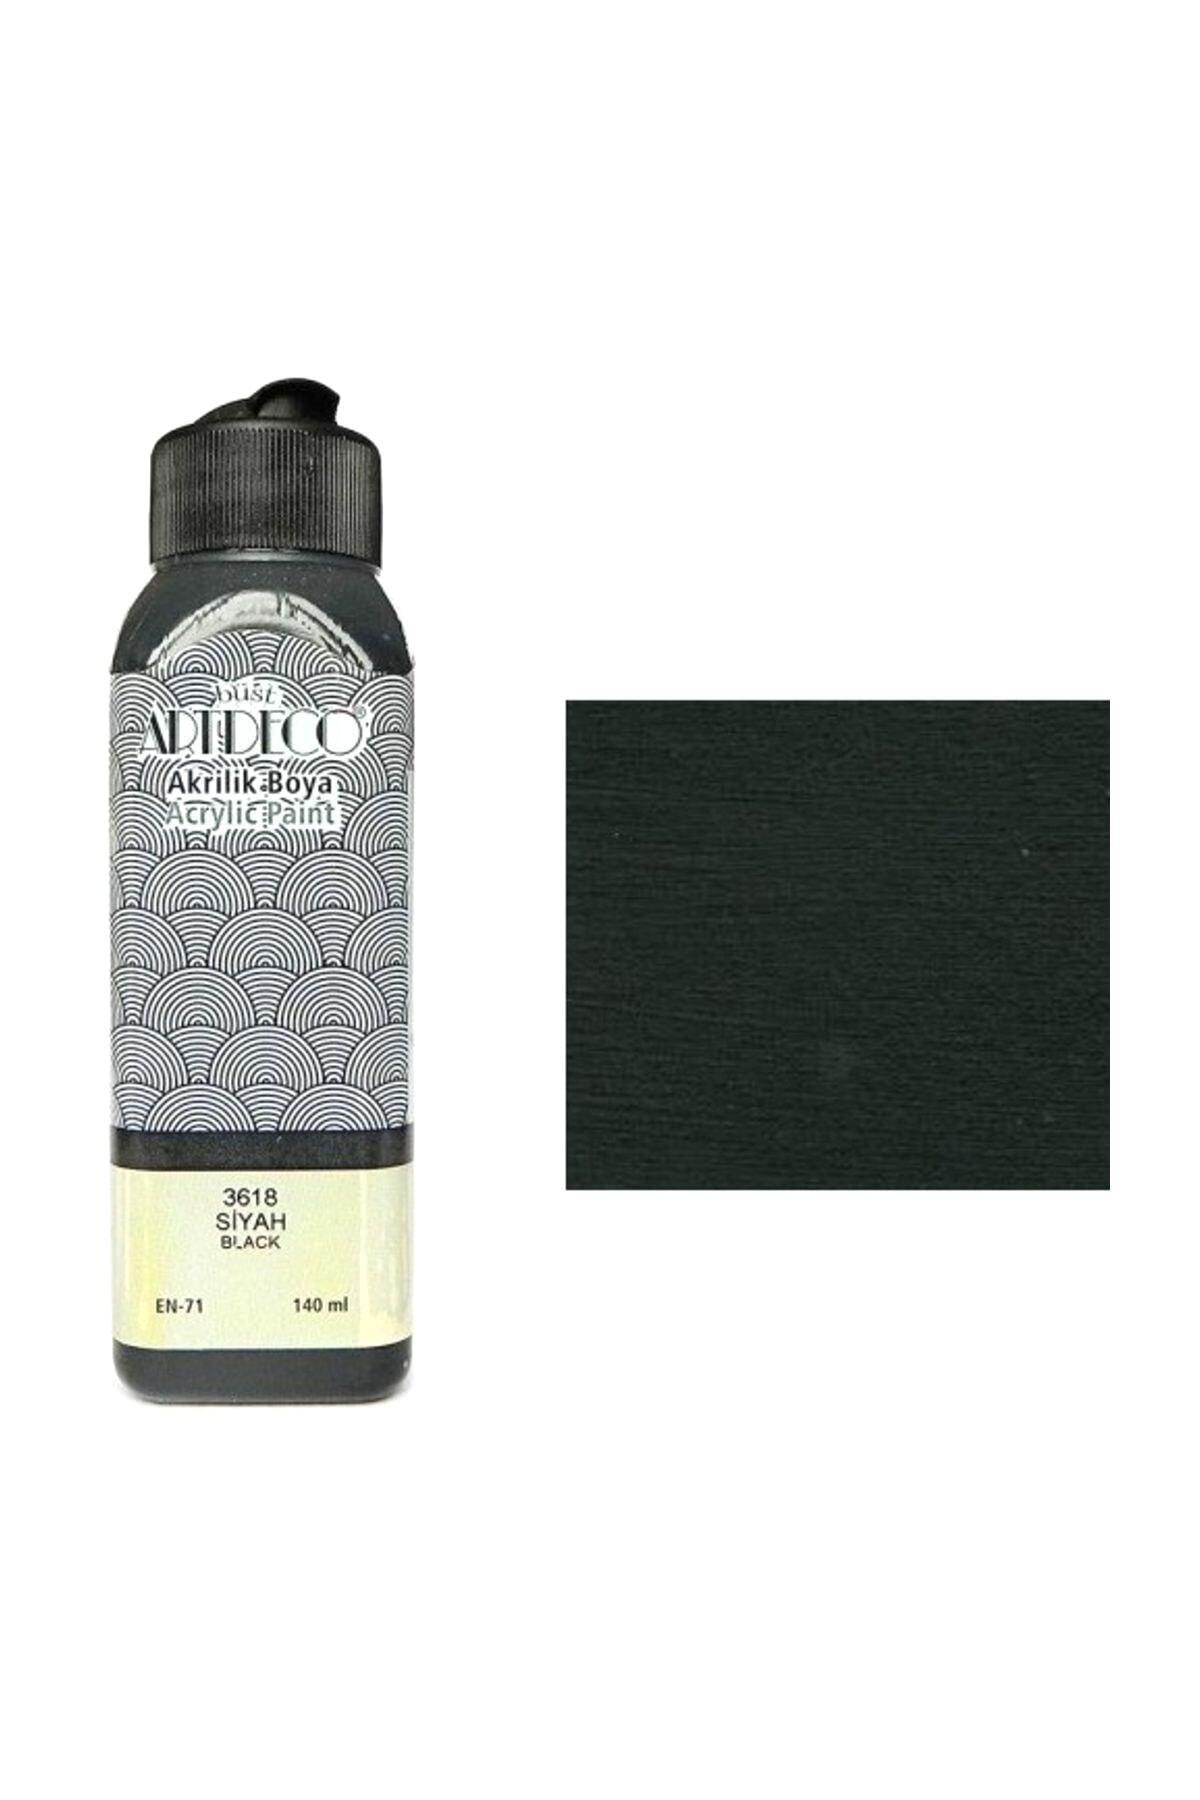 Artdeco Akrilik Boya 140 ml. Siyah 70r-3618 2